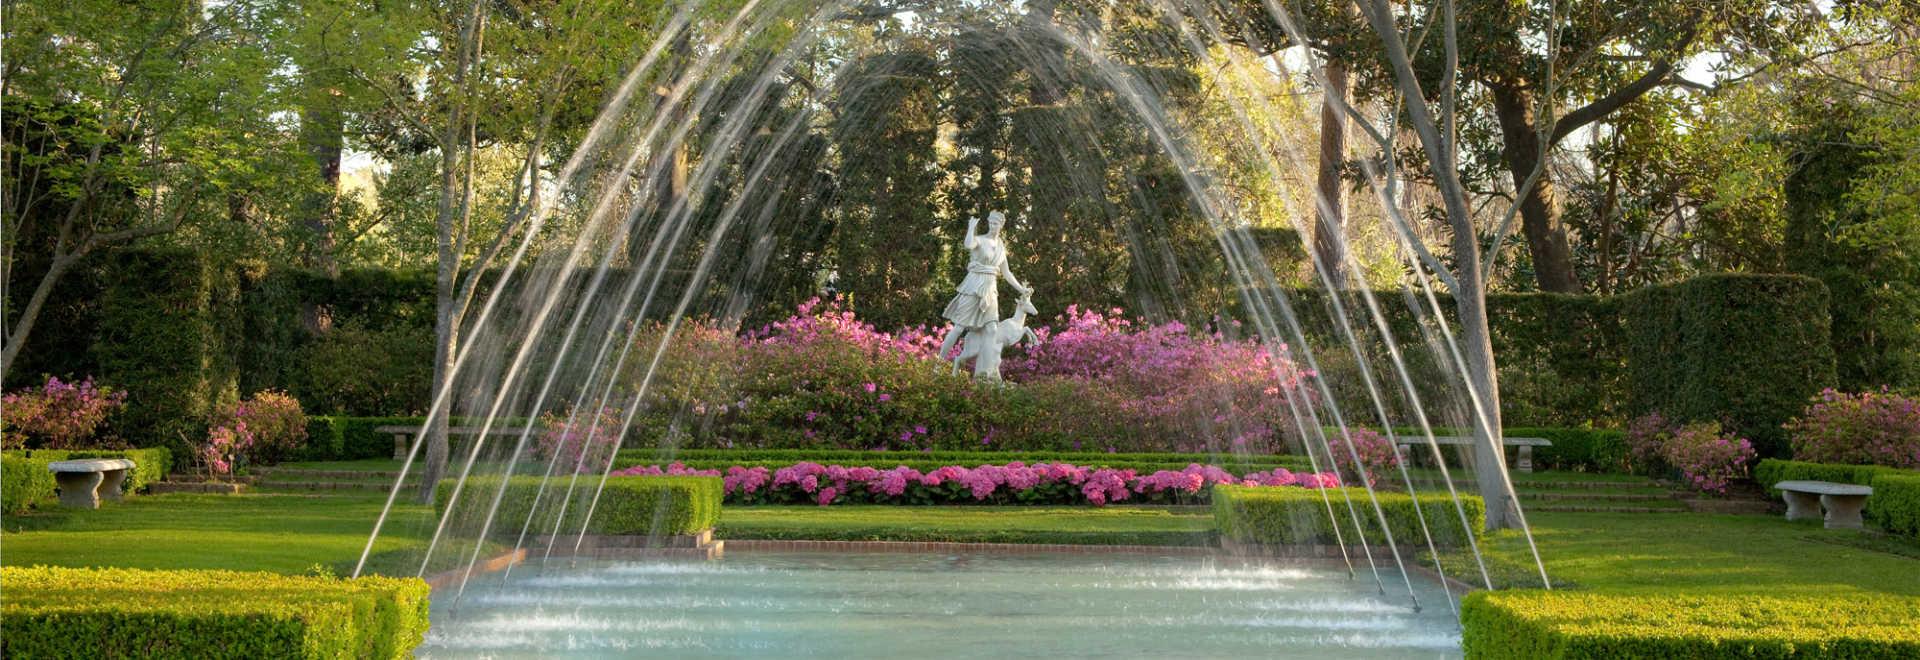 Ima Hogg Gardens Garden Ftempo